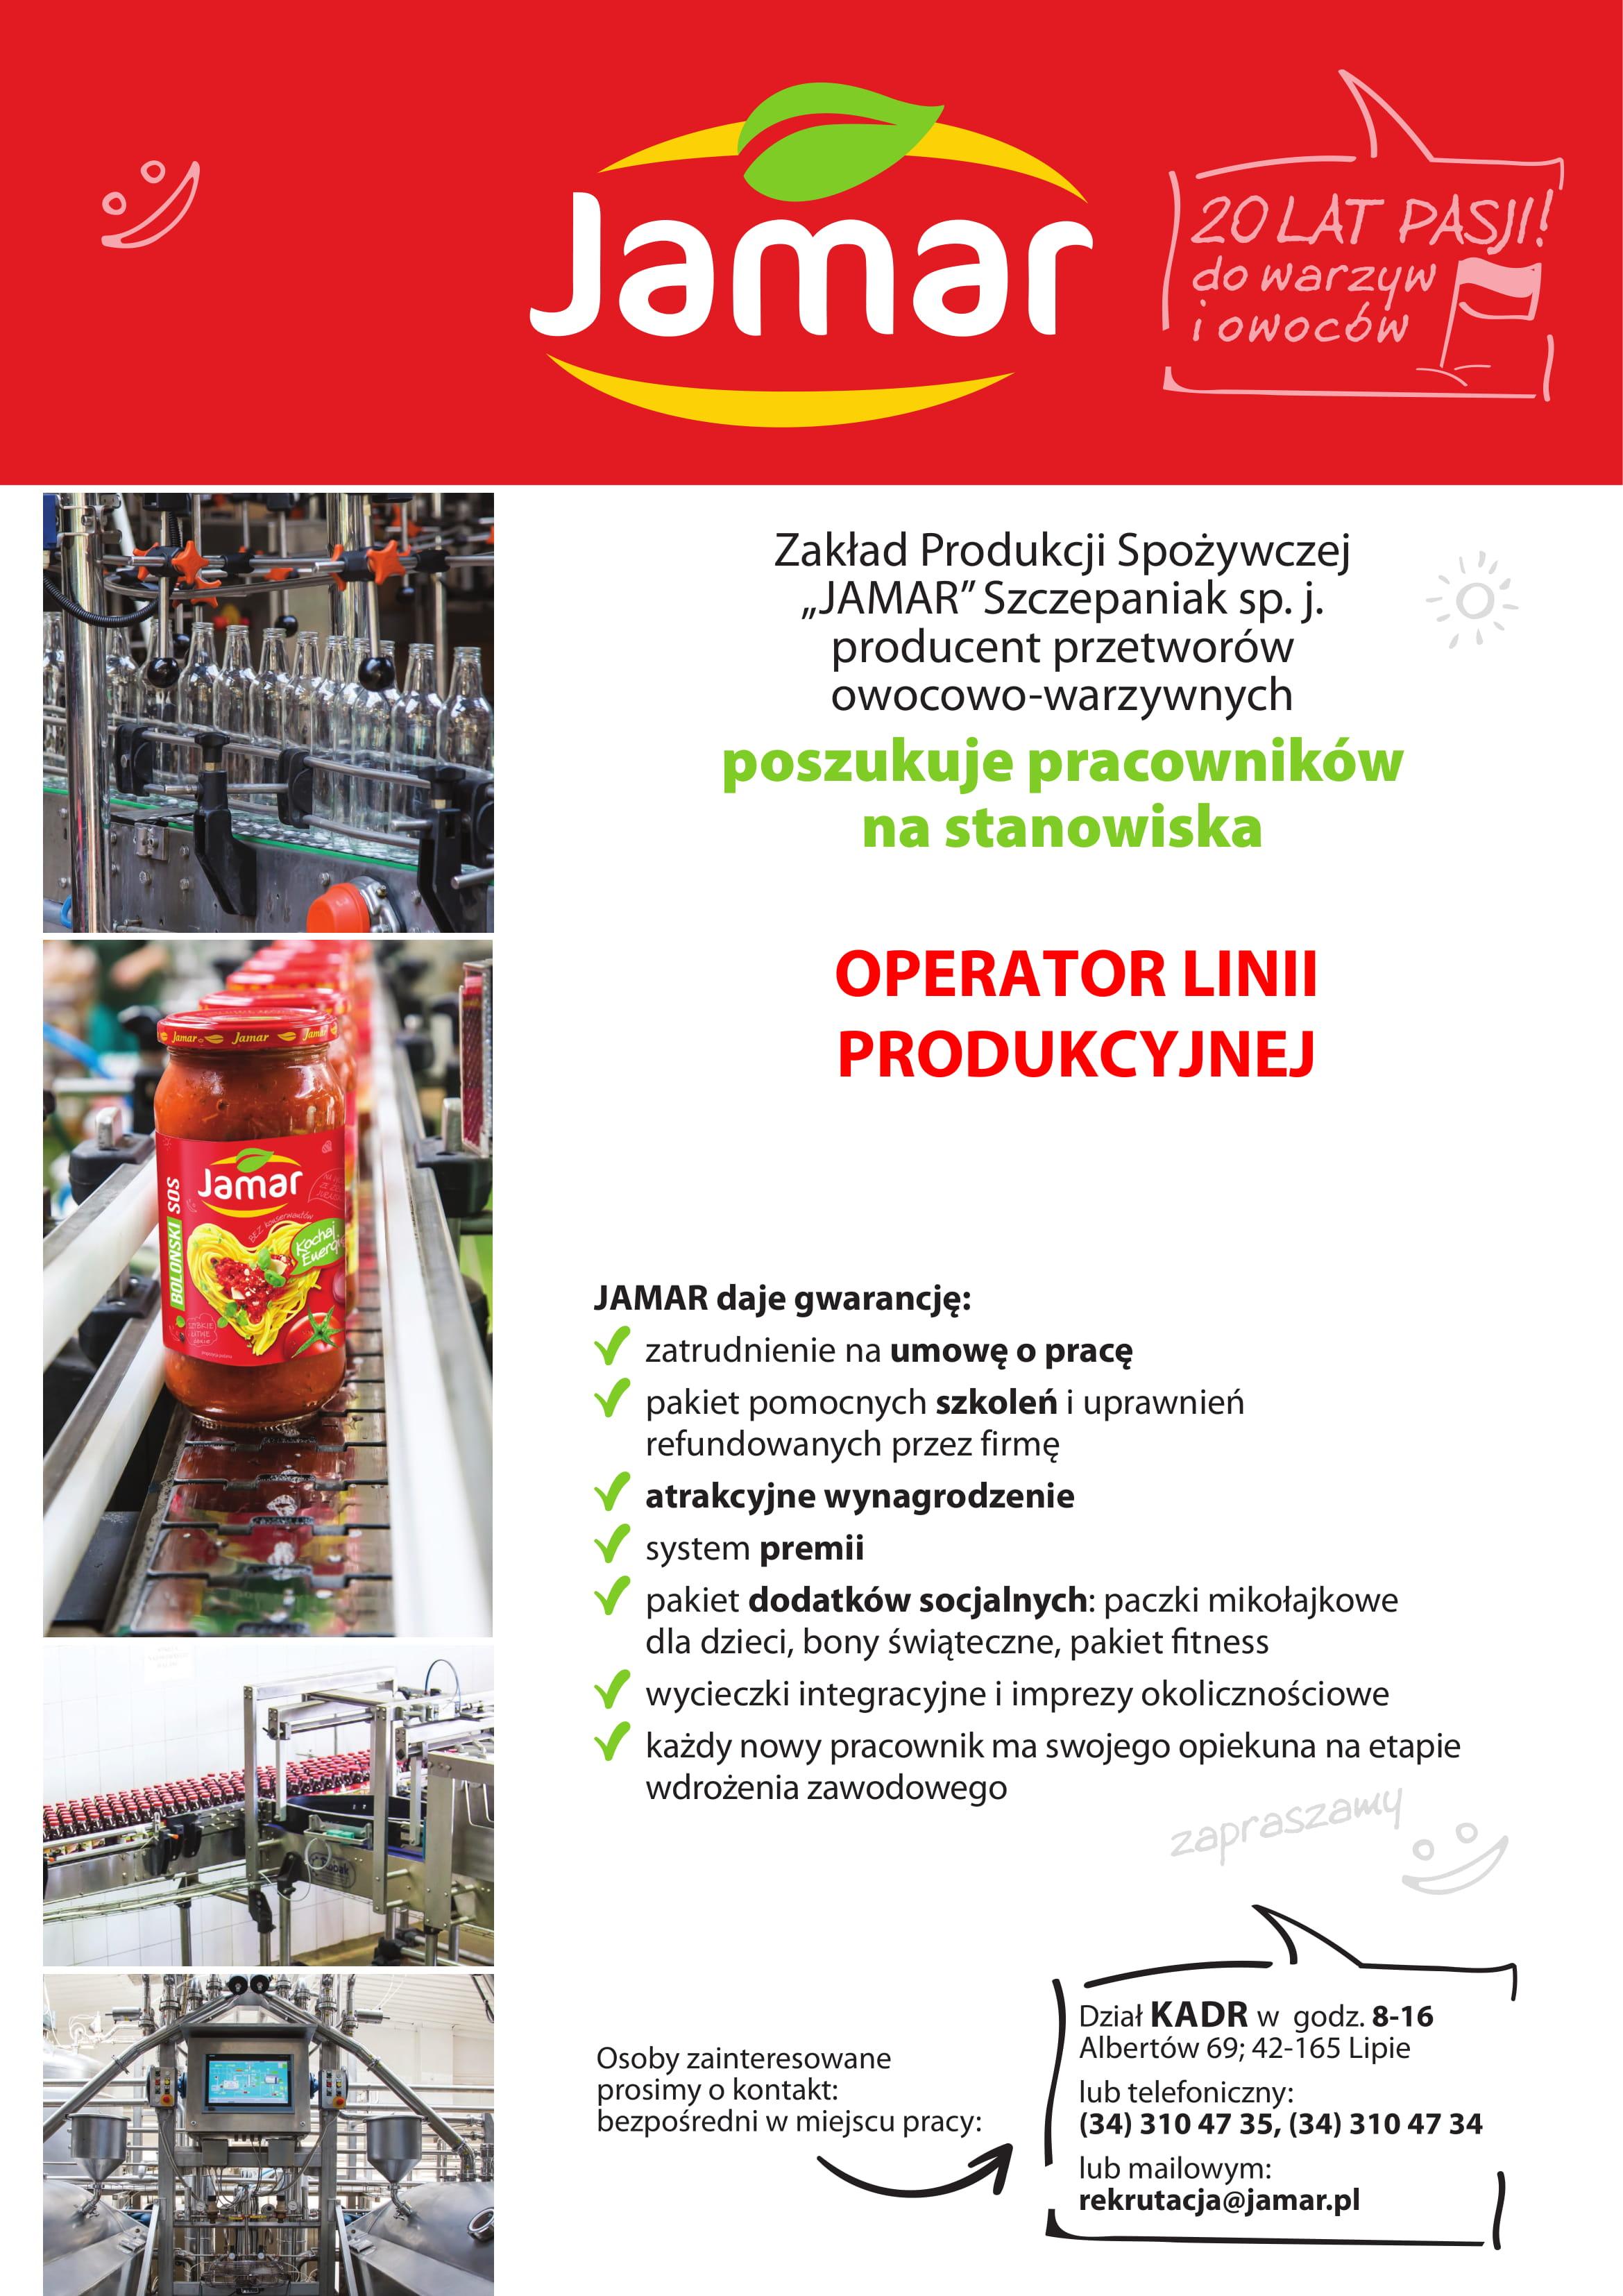 jamar poszukuje pracownikow na stanowiska operator linii produkcyjnej